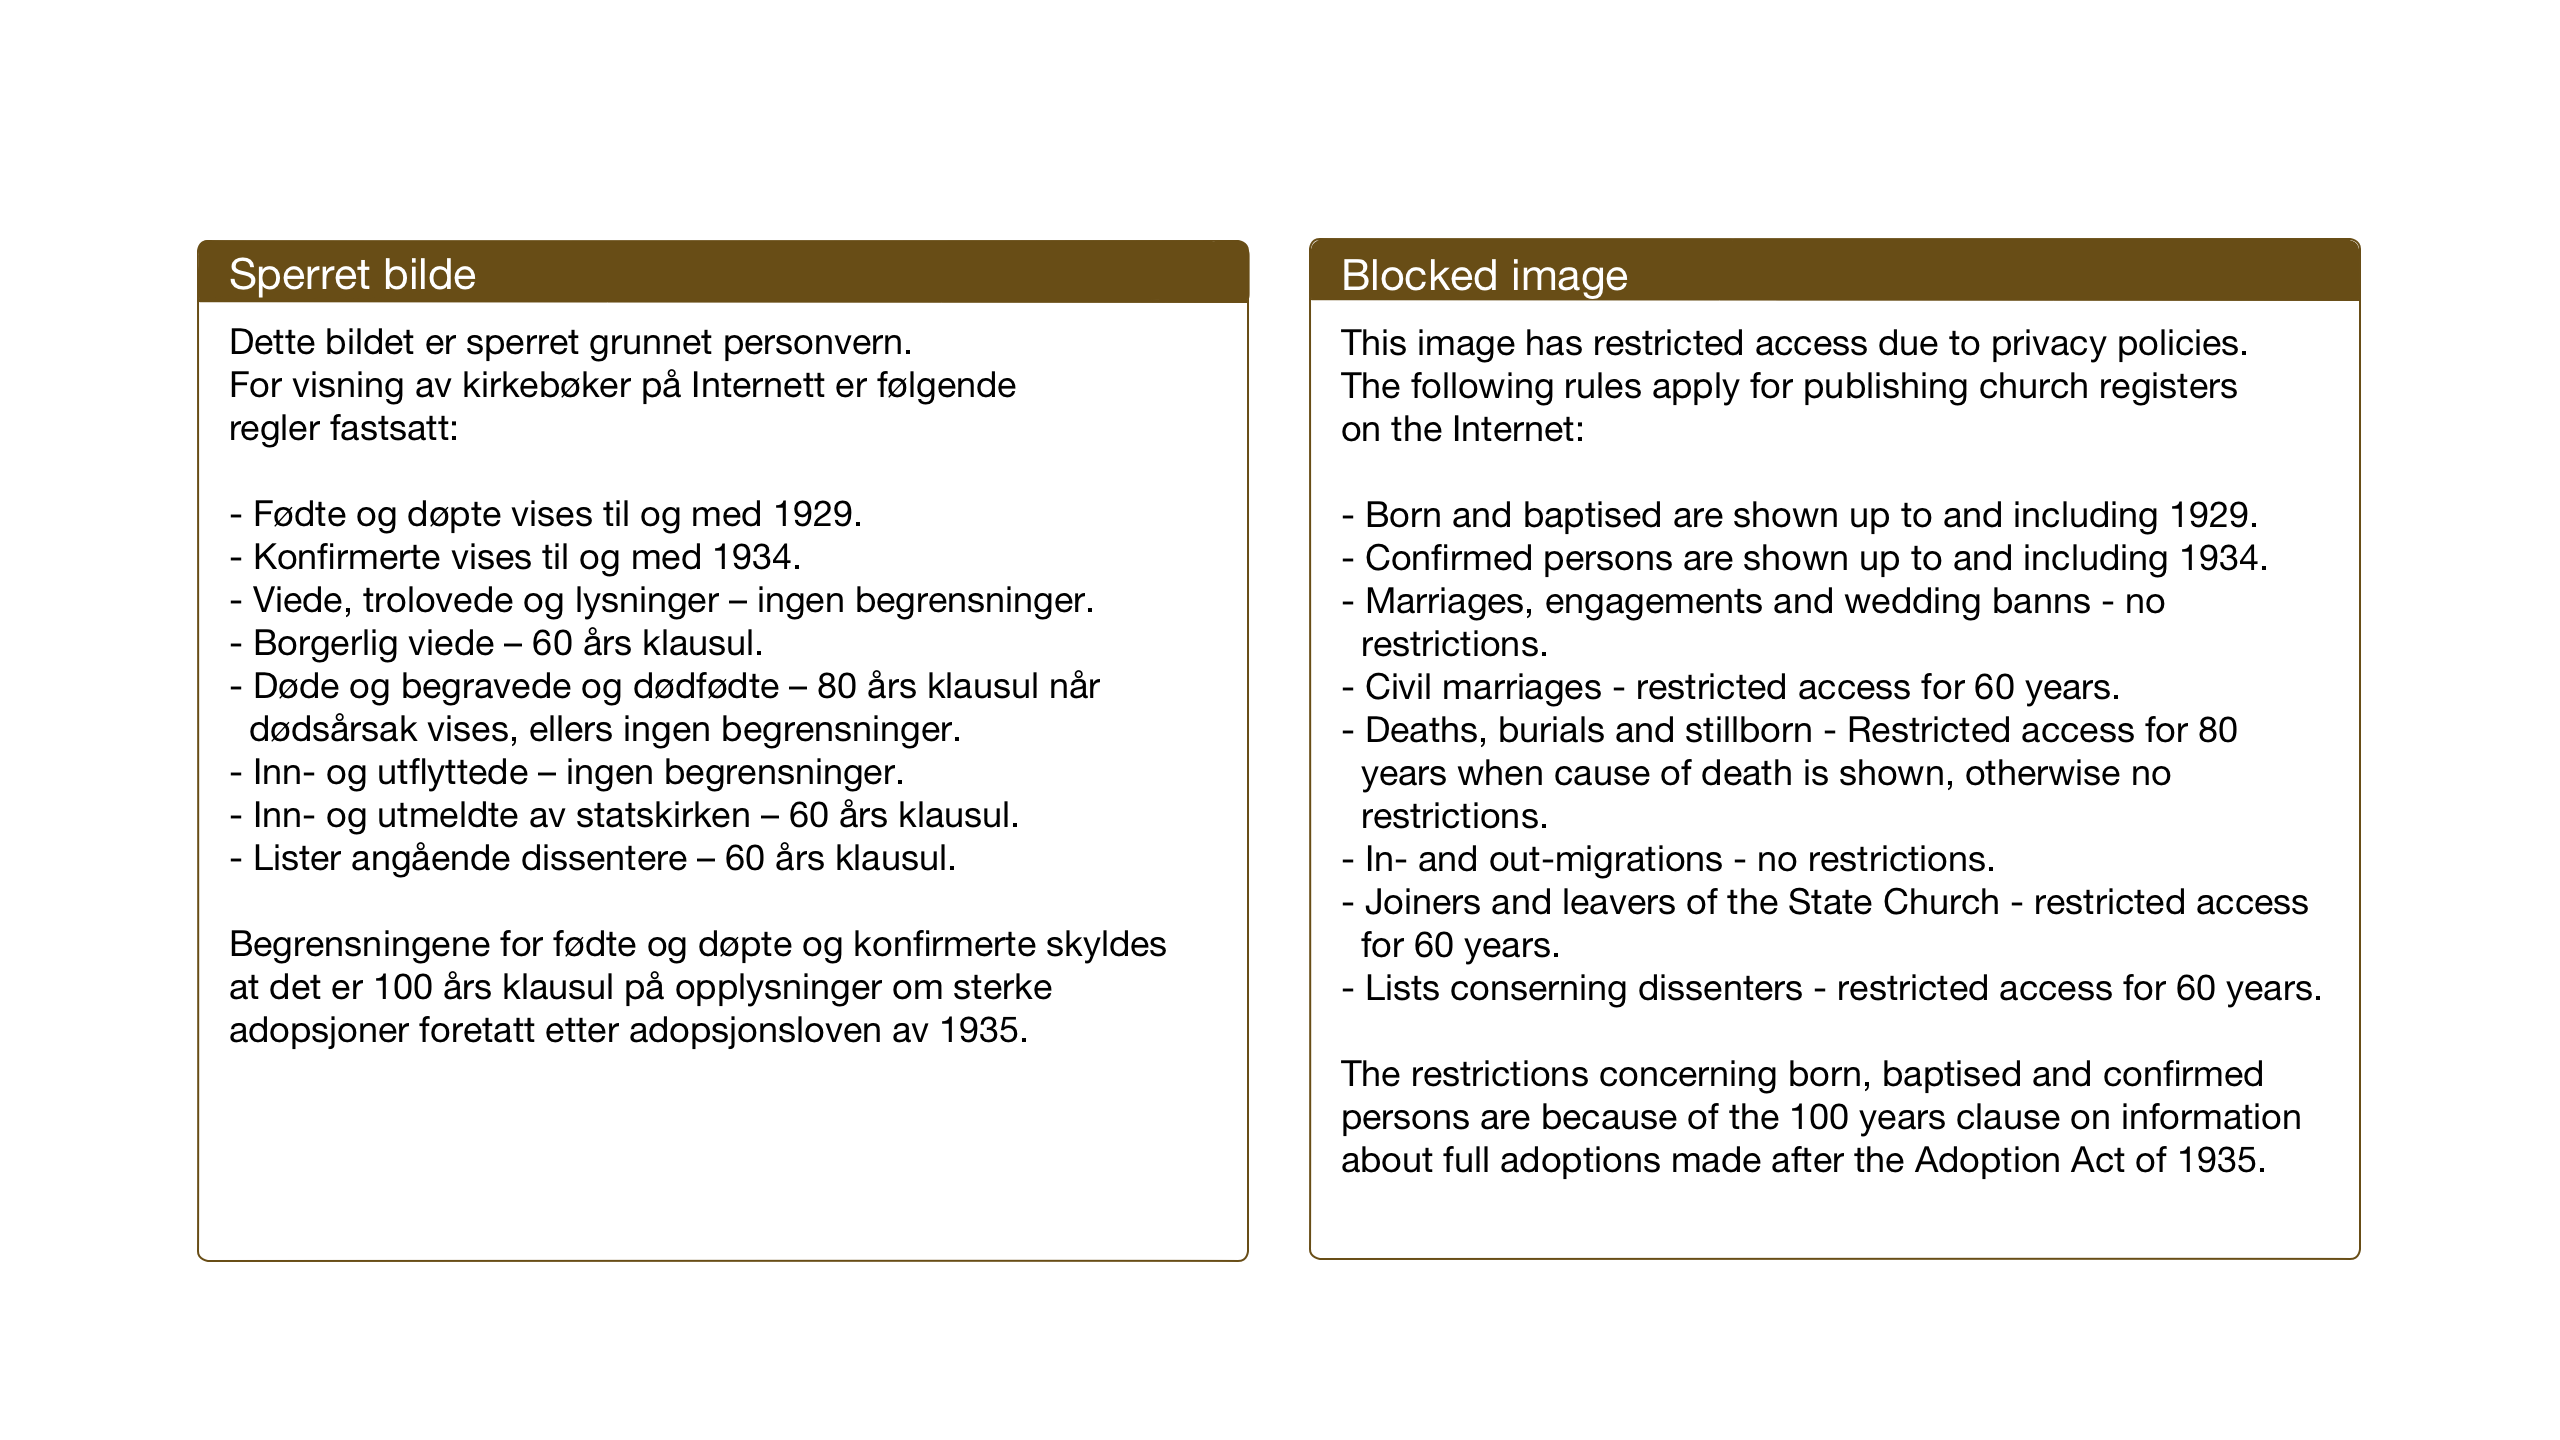 SAT, Ministerialprotokoller, klokkerbøker og fødselsregistre - Sør-Trøndelag, 674/L0878: Klokkerbok nr. 674C05, 1941-1950, s. 92